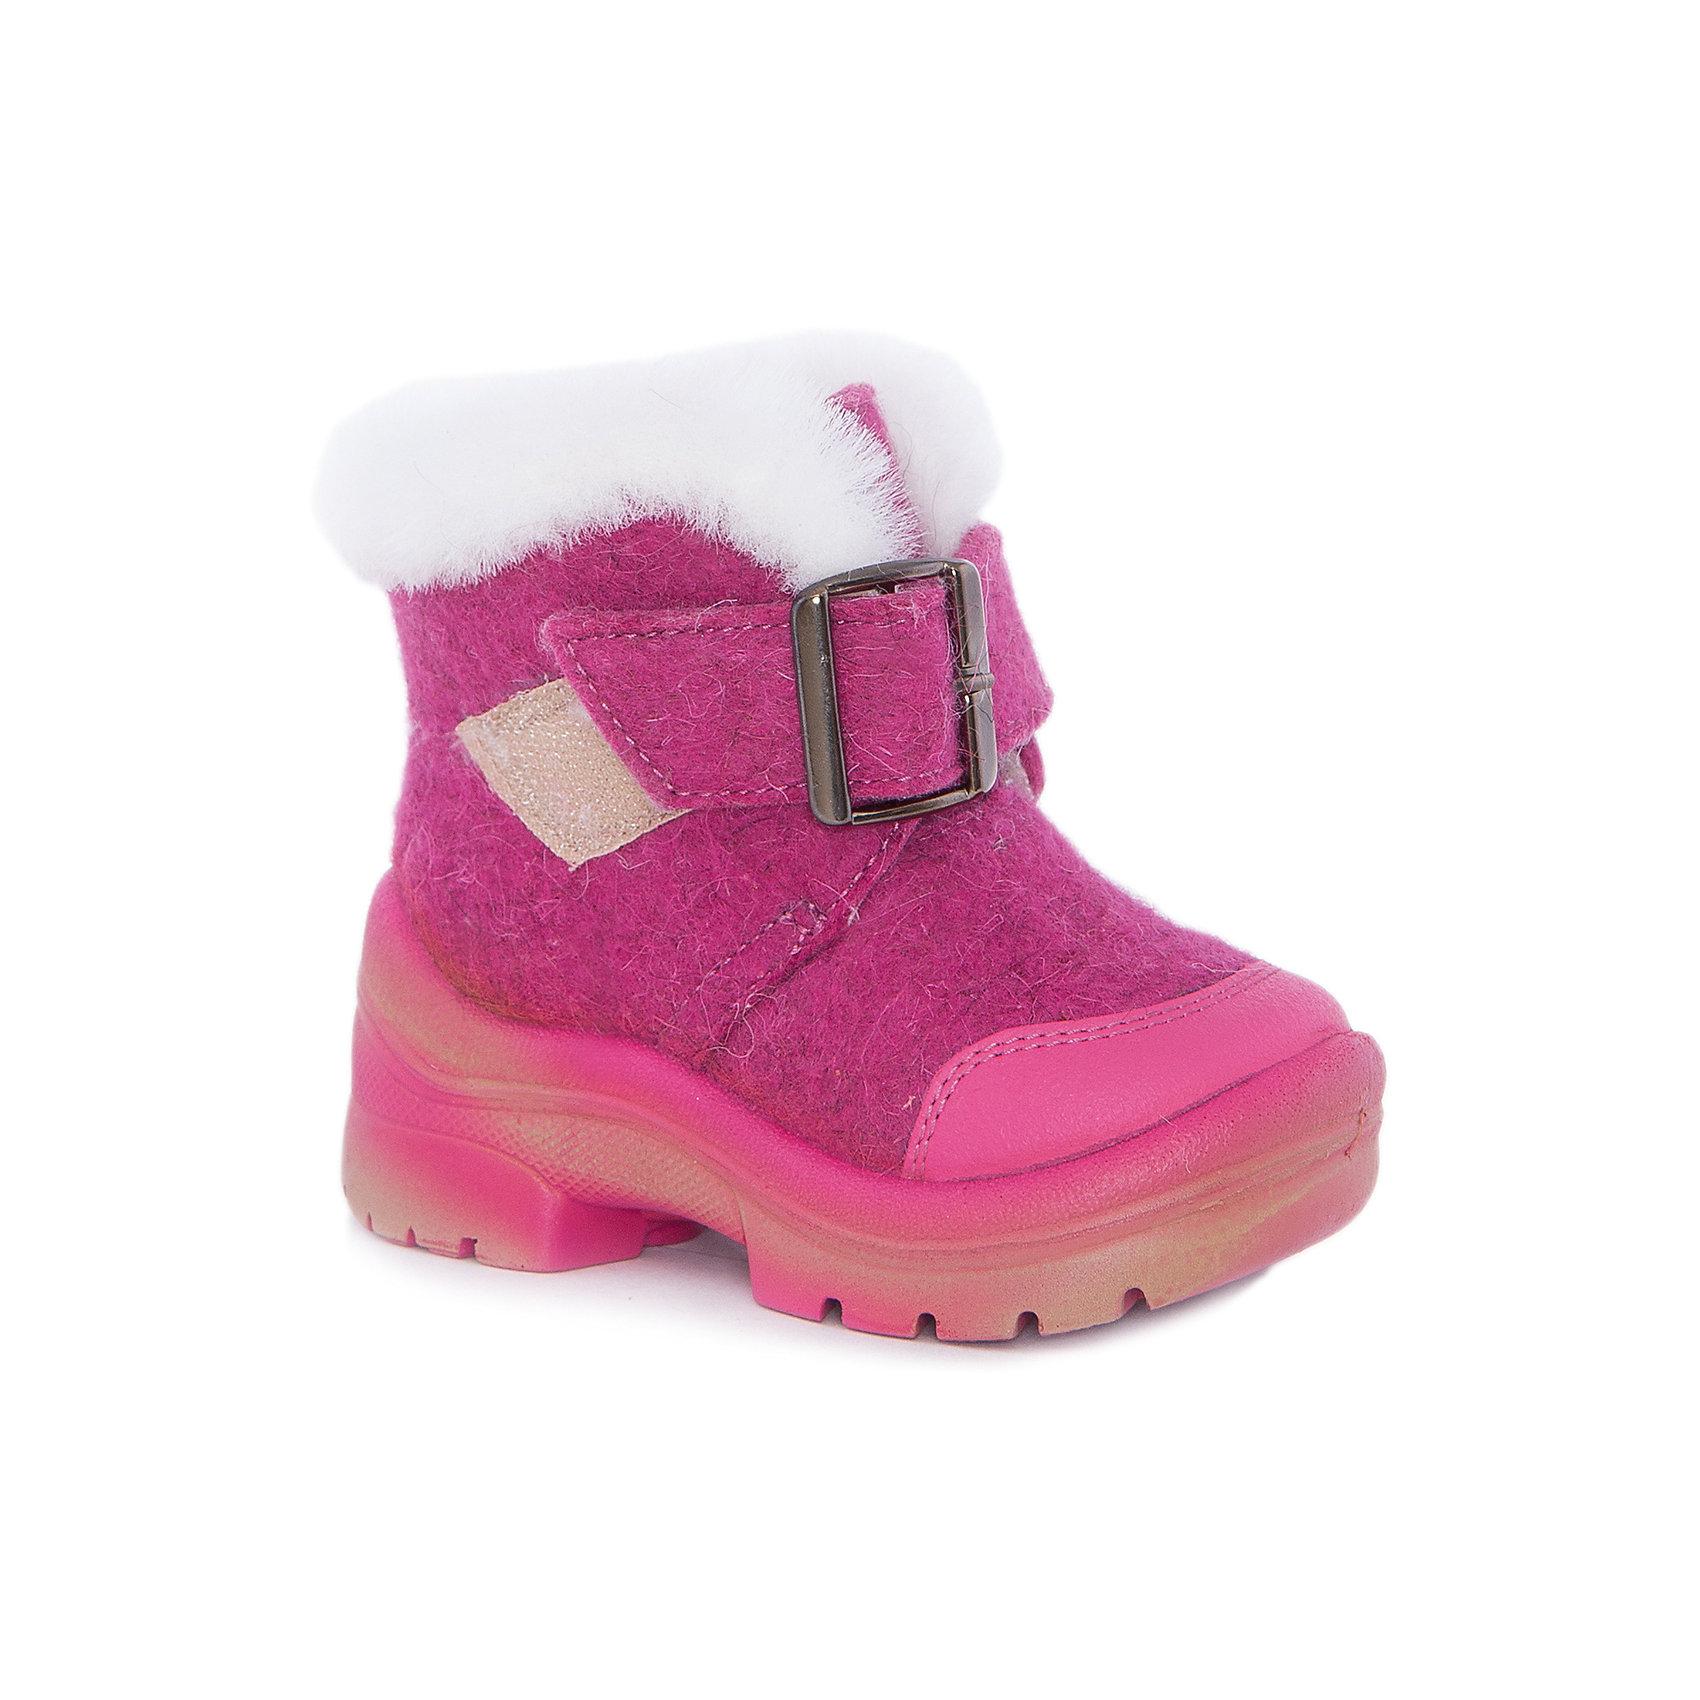 Валенки Ариша для девочки ФилипокХарактеристики товара:<br><br>• цвет: розовый<br>• температурный режим: от -5° С до -30° С<br>• внешний материал: эко-войлок (натуральная шерсть)<br>• подкладка: натуральная овечья шерсть<br>• стелька: шерстяной войлок (3,5 мм)<br>• подошва: литая, полиуретан<br>• декорированы искусственным мехом и пряжкой<br>• подошва с анти скользящей с системой протектора anti slip<br>• защита носка - натуральная кожа с износостойкой пропиткой<br>• усиленная пятка<br>• толстая устойчивая подошва<br>• страна бренда: РФ<br>• страна изготовитель: РФ<br><br>Очень теплые и удобные валенки для ребенка от известного бренда детской обуви Филипок созданы специально для русской зимы. Качественные материалы с пропиткой против попадания воды внутрь и модный дизайн понравятся и малышам и их родителям. Подошва и стелька обеспечат ребенку комфорт, сухость и тепло, позволяя в полной мере наслаждаться зимним отдыхом. Усиленная защита пятки и носка обеспечивает дополнительную безопасность детских ног в этих сапожках.<br>Эта красивая и удобная обувь прослужит долго благодаря отличному качеству. Производитель анти скользящее покрытие и амортизирующие свойства подошвы! Модель производится из качественных и проверенных материалов, которые безопасны для детей.<br><br>Валенки для девочки от бренда Филипок можно купить в нашем интернет-магазине.<br><br>Ширина мм: 257<br>Глубина мм: 180<br>Высота мм: 130<br>Вес г: 420<br>Цвет: розовый<br>Возраст от месяцев: 15<br>Возраст до месяцев: 18<br>Пол: Женский<br>Возраст: Детский<br>Размер: 22,30,29,28,27,26,25,24,23<br>SKU: 5132401